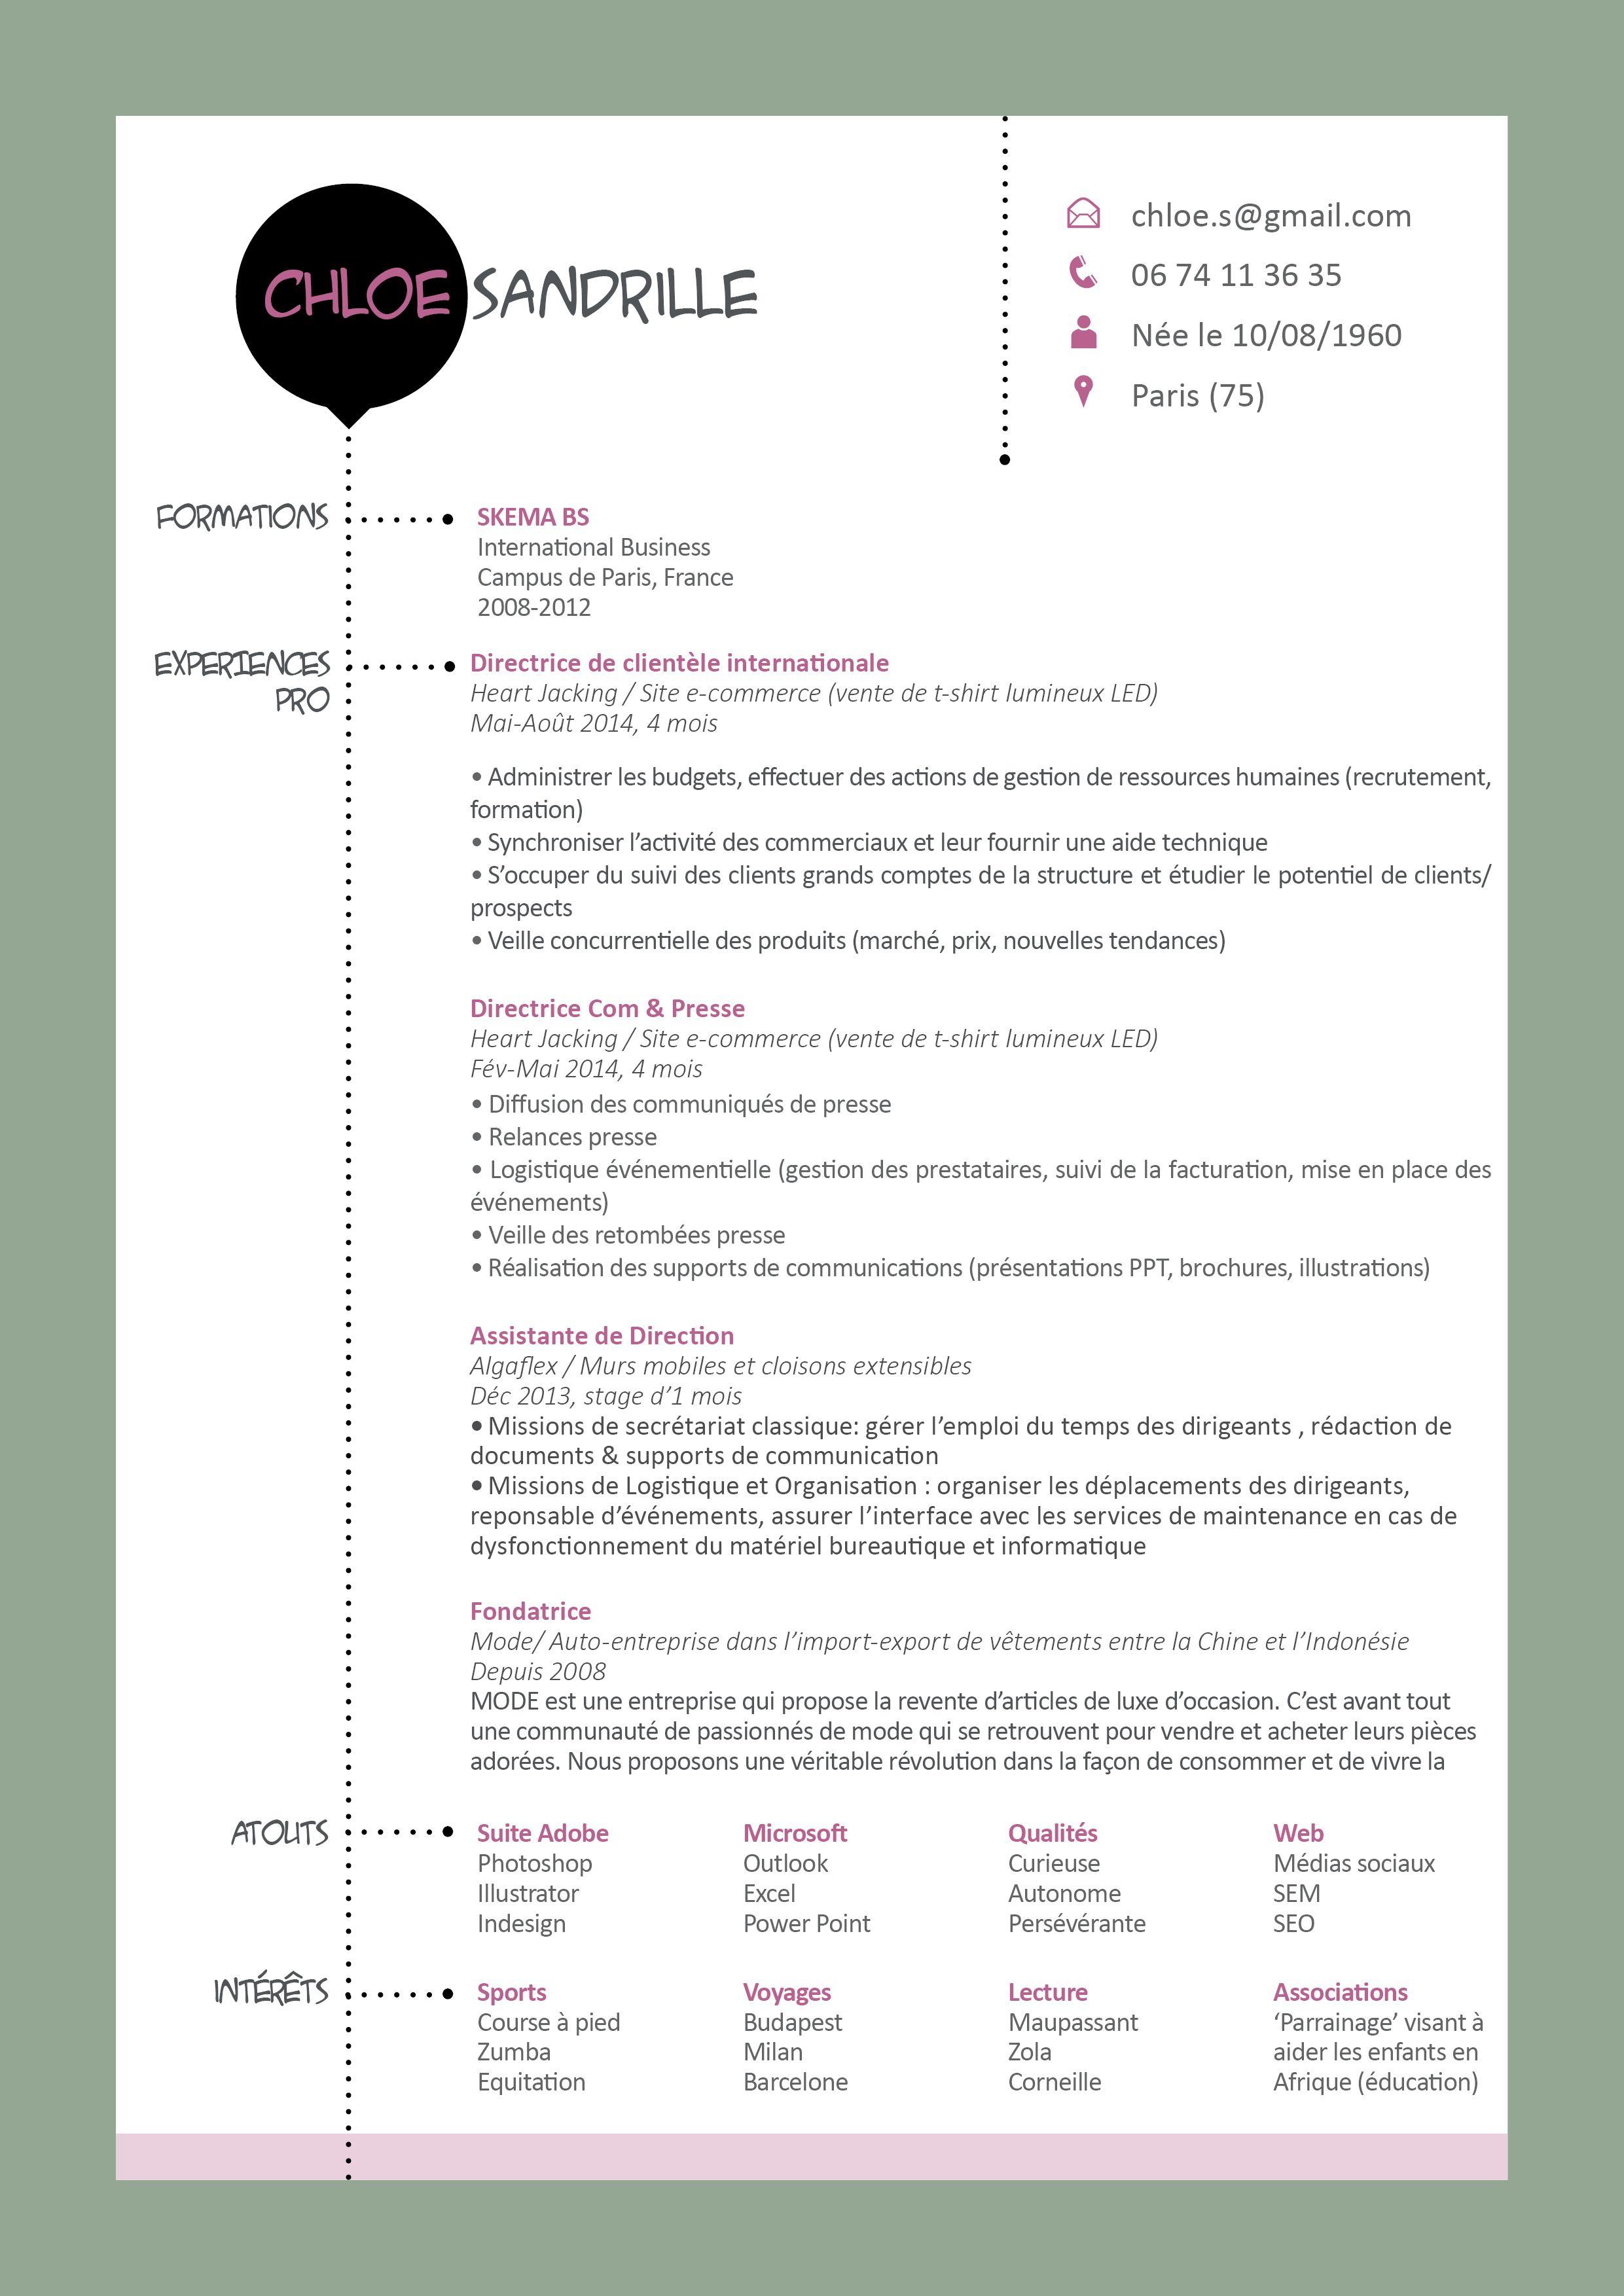 L Architecture Rationnelle De Ce Cv N Empeche Pas Les Fantaisies Discretes Le Jeu Des Couleurs Et Les Pointilles Produisent U Modele Cv Recrutement Cv Parfait